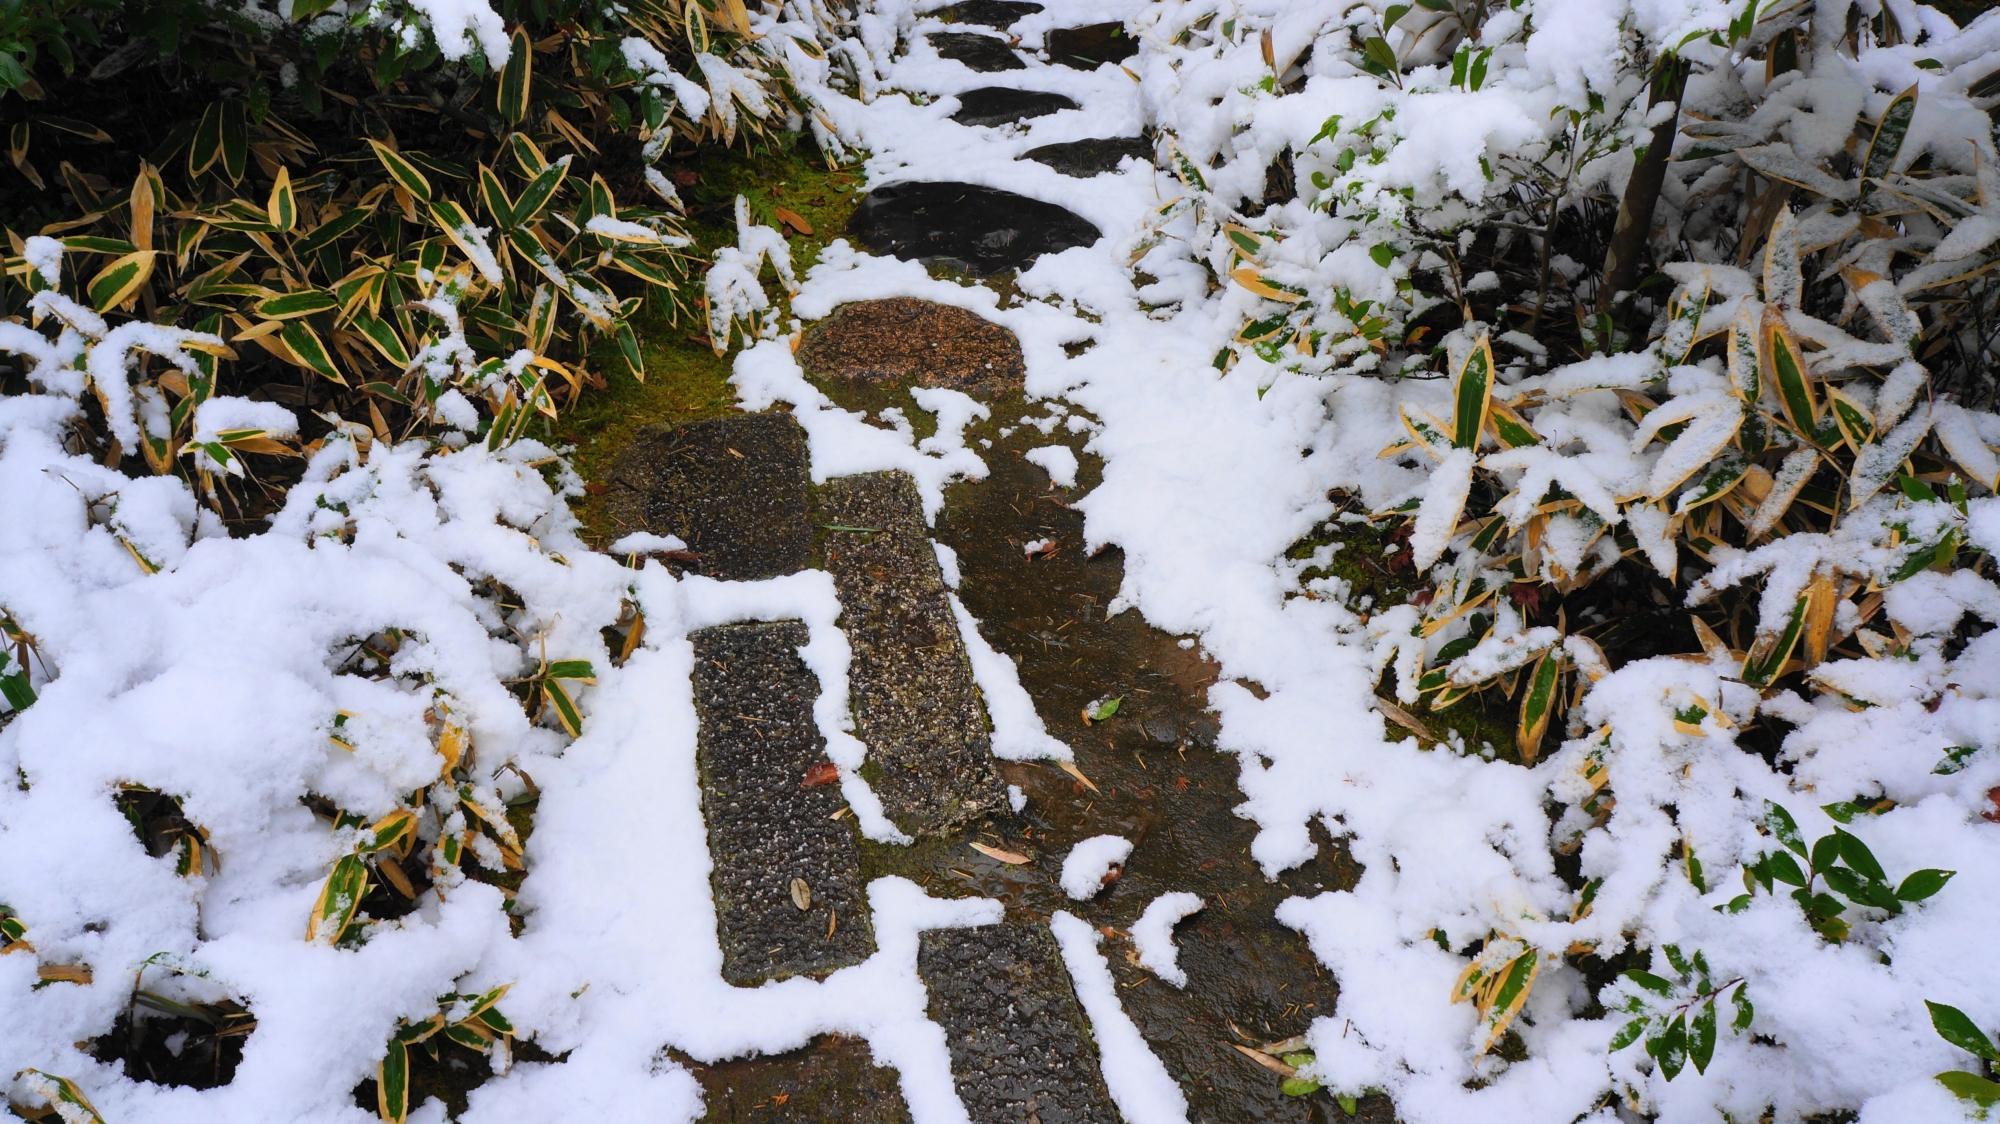 長い四角の飛び石と雪につつまれた笹